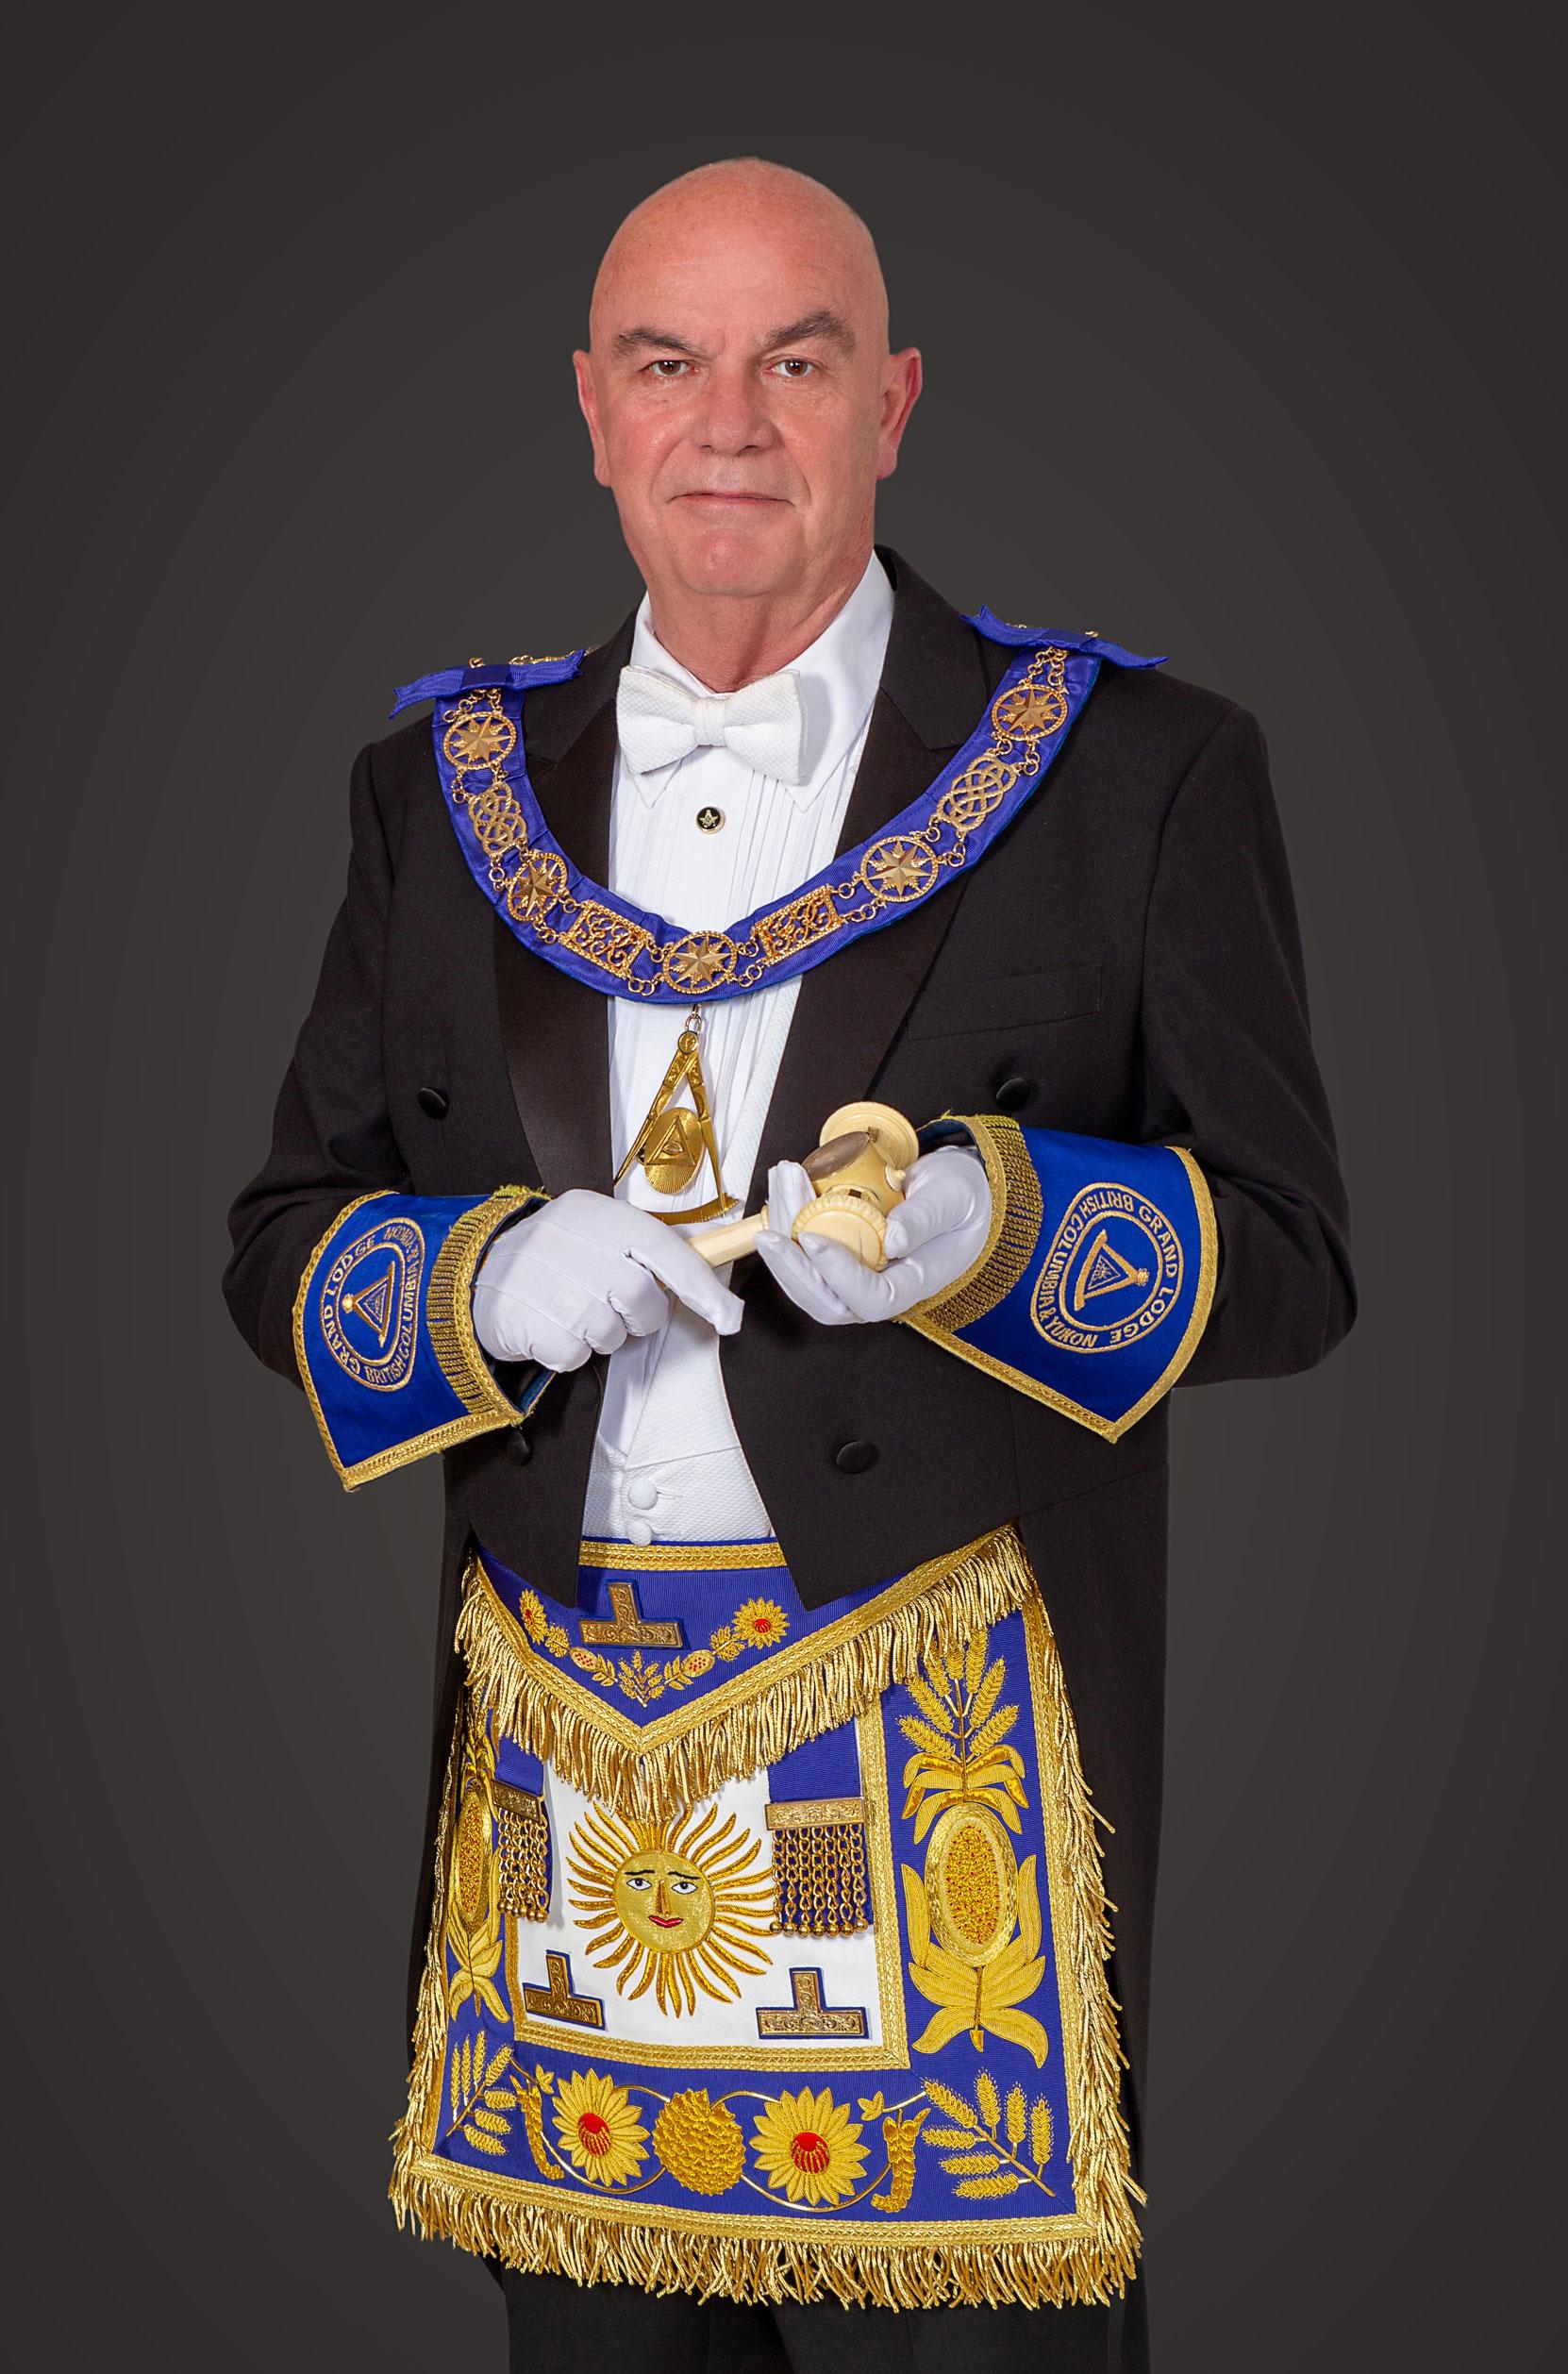 M.W.B. Don MacKenzie, Grand Master, B.C. & Yukon, 2020-2021.